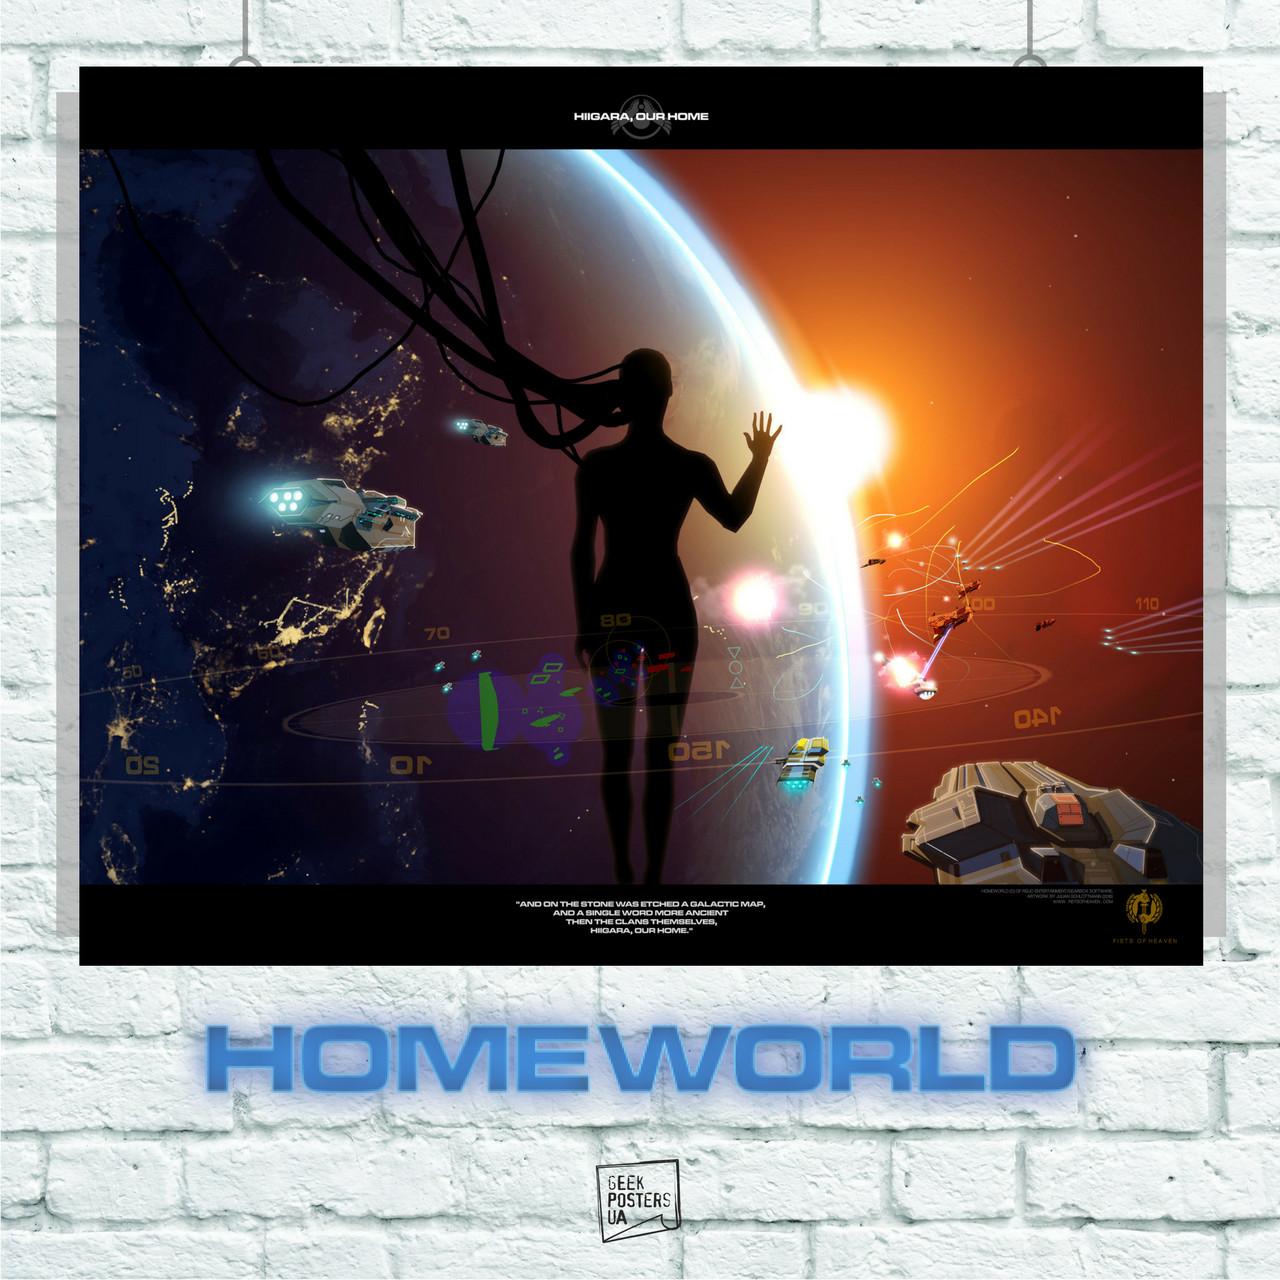 Постер Homeworld. Размер 60x48см (A2). Глянцевая бумага